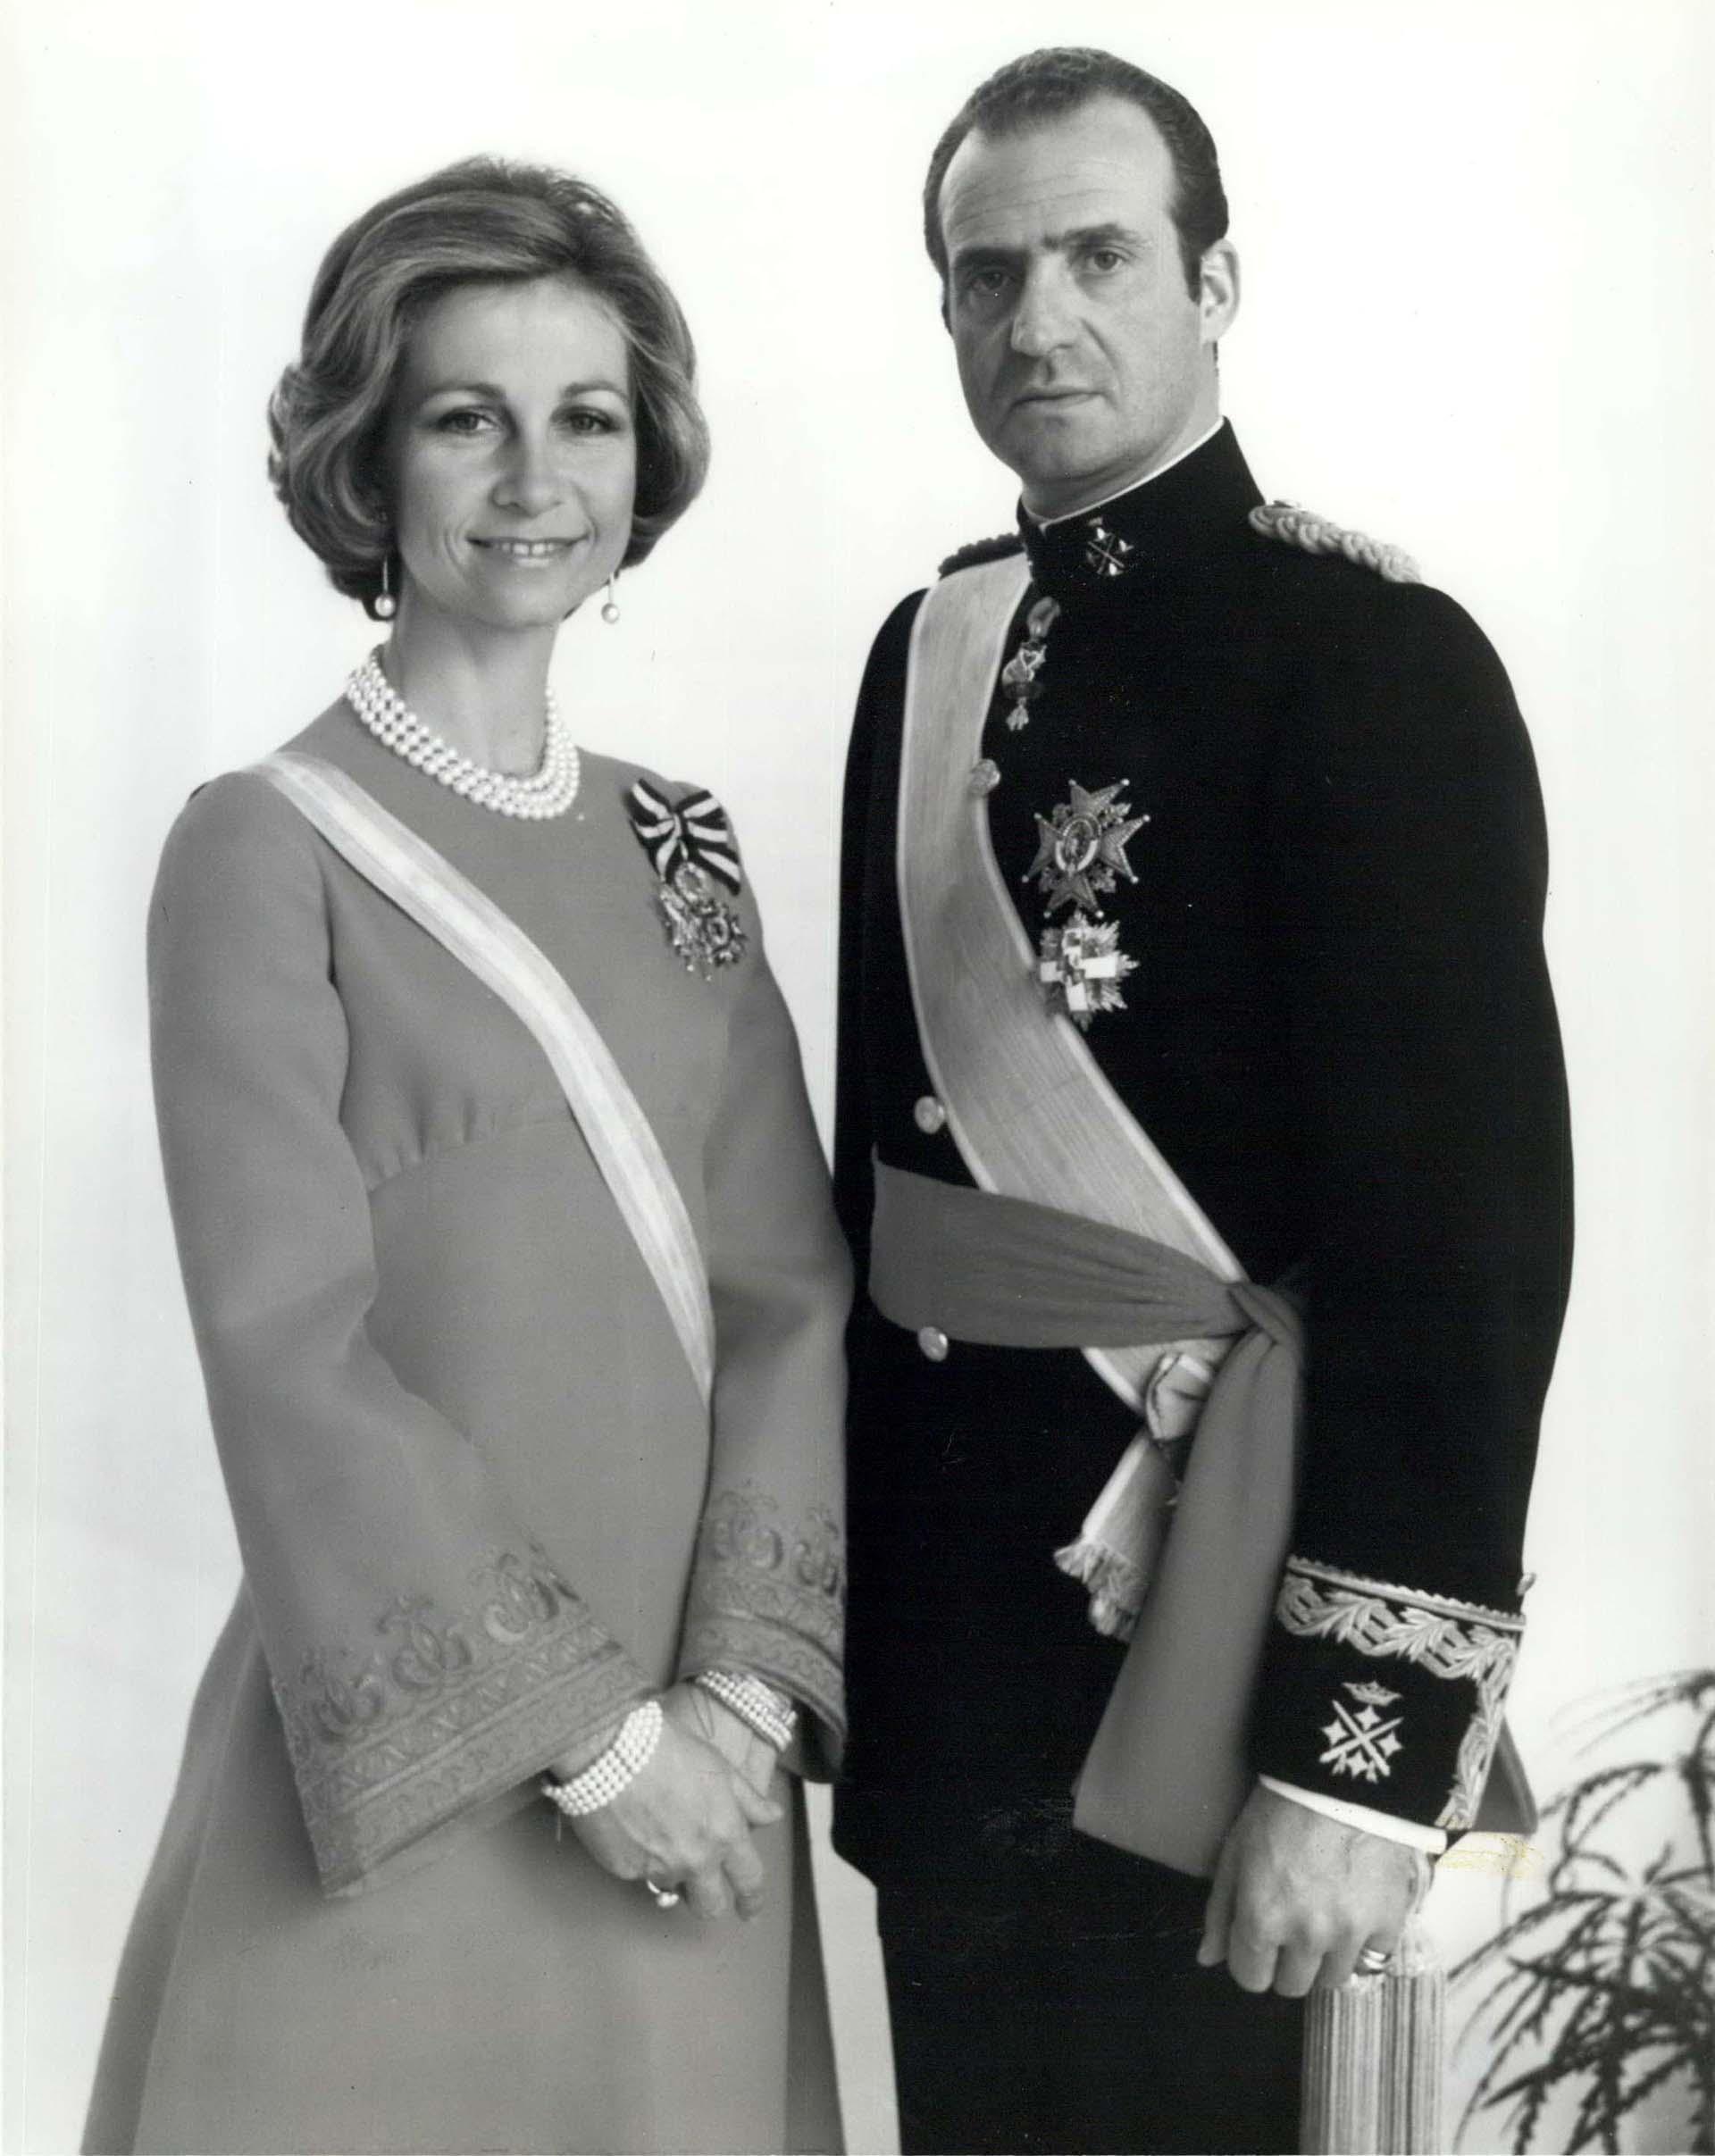 La reina Sofía y el rey Juan Carlos I de España en un retrato oficial luego de asumir su trono (Shutterstock)